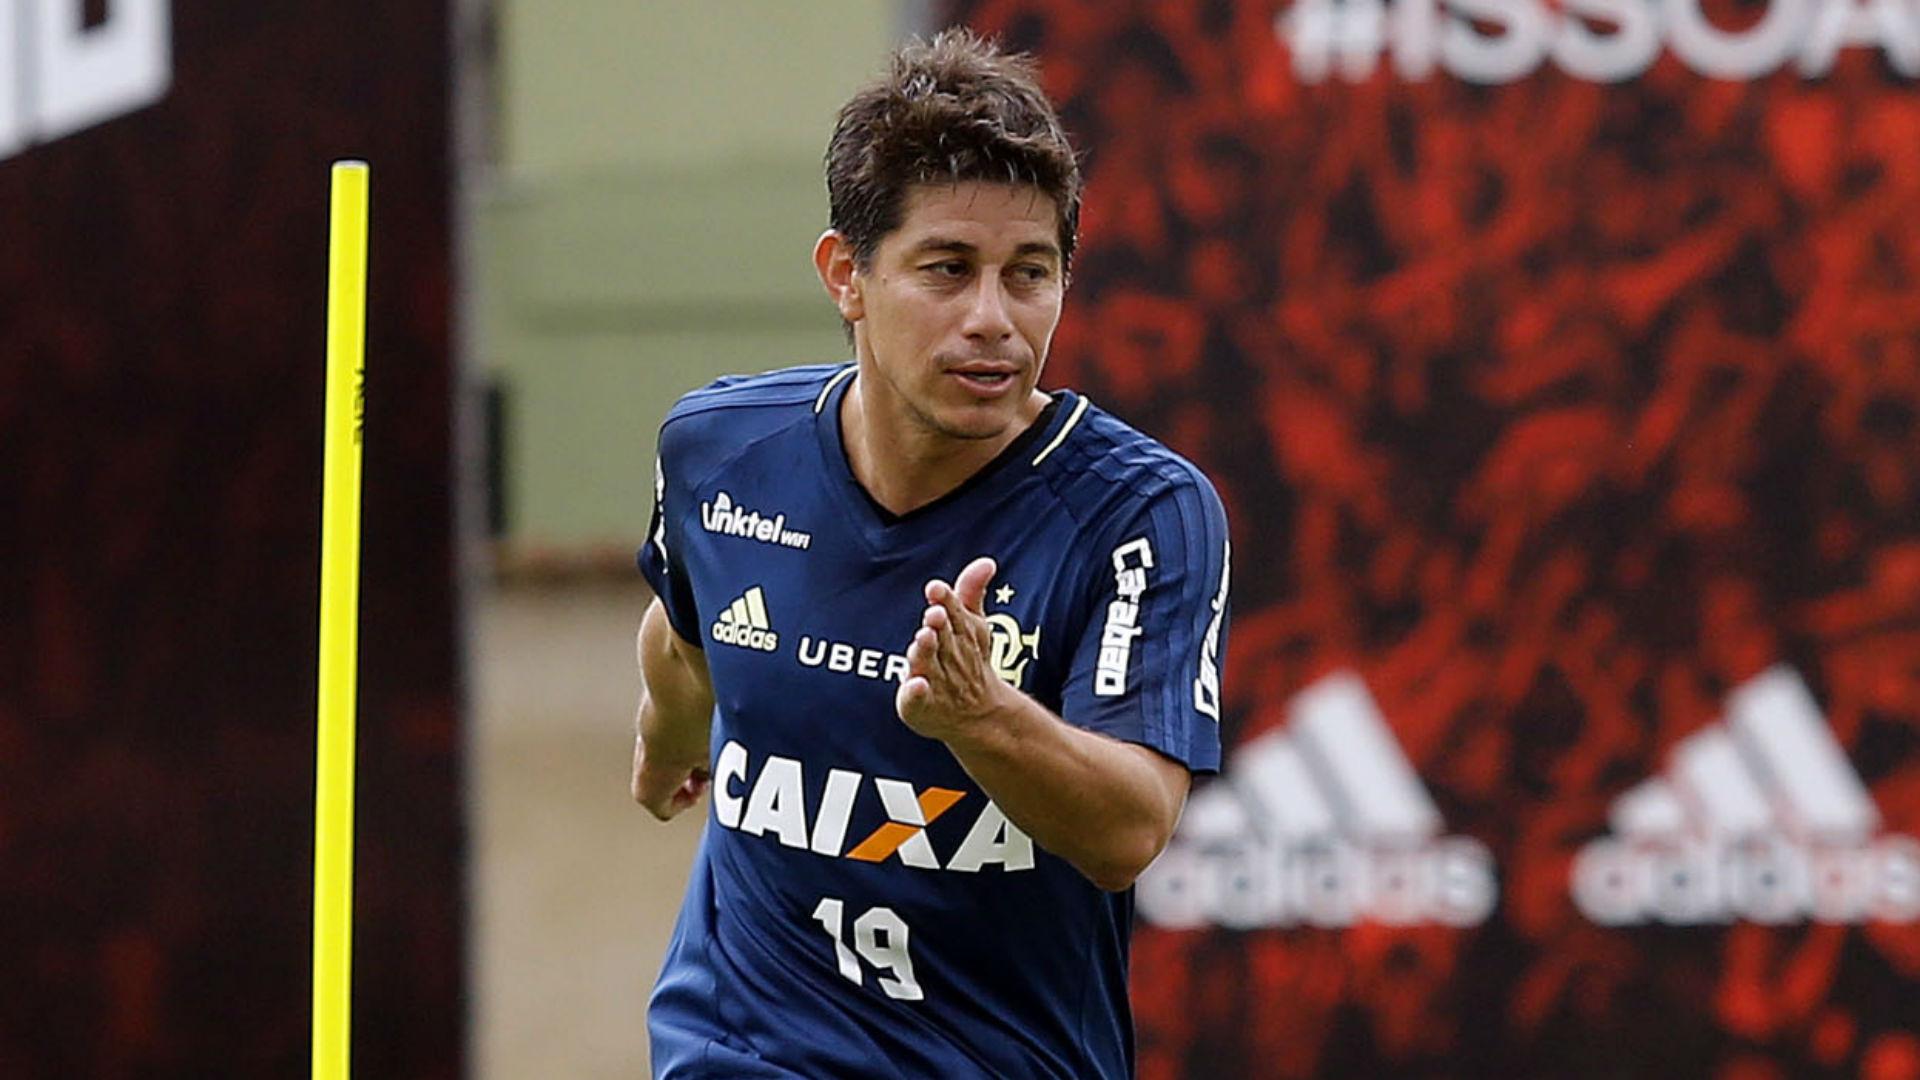 Flamengo les£o de Diego n£o vai aumentar pressa Dario Conca